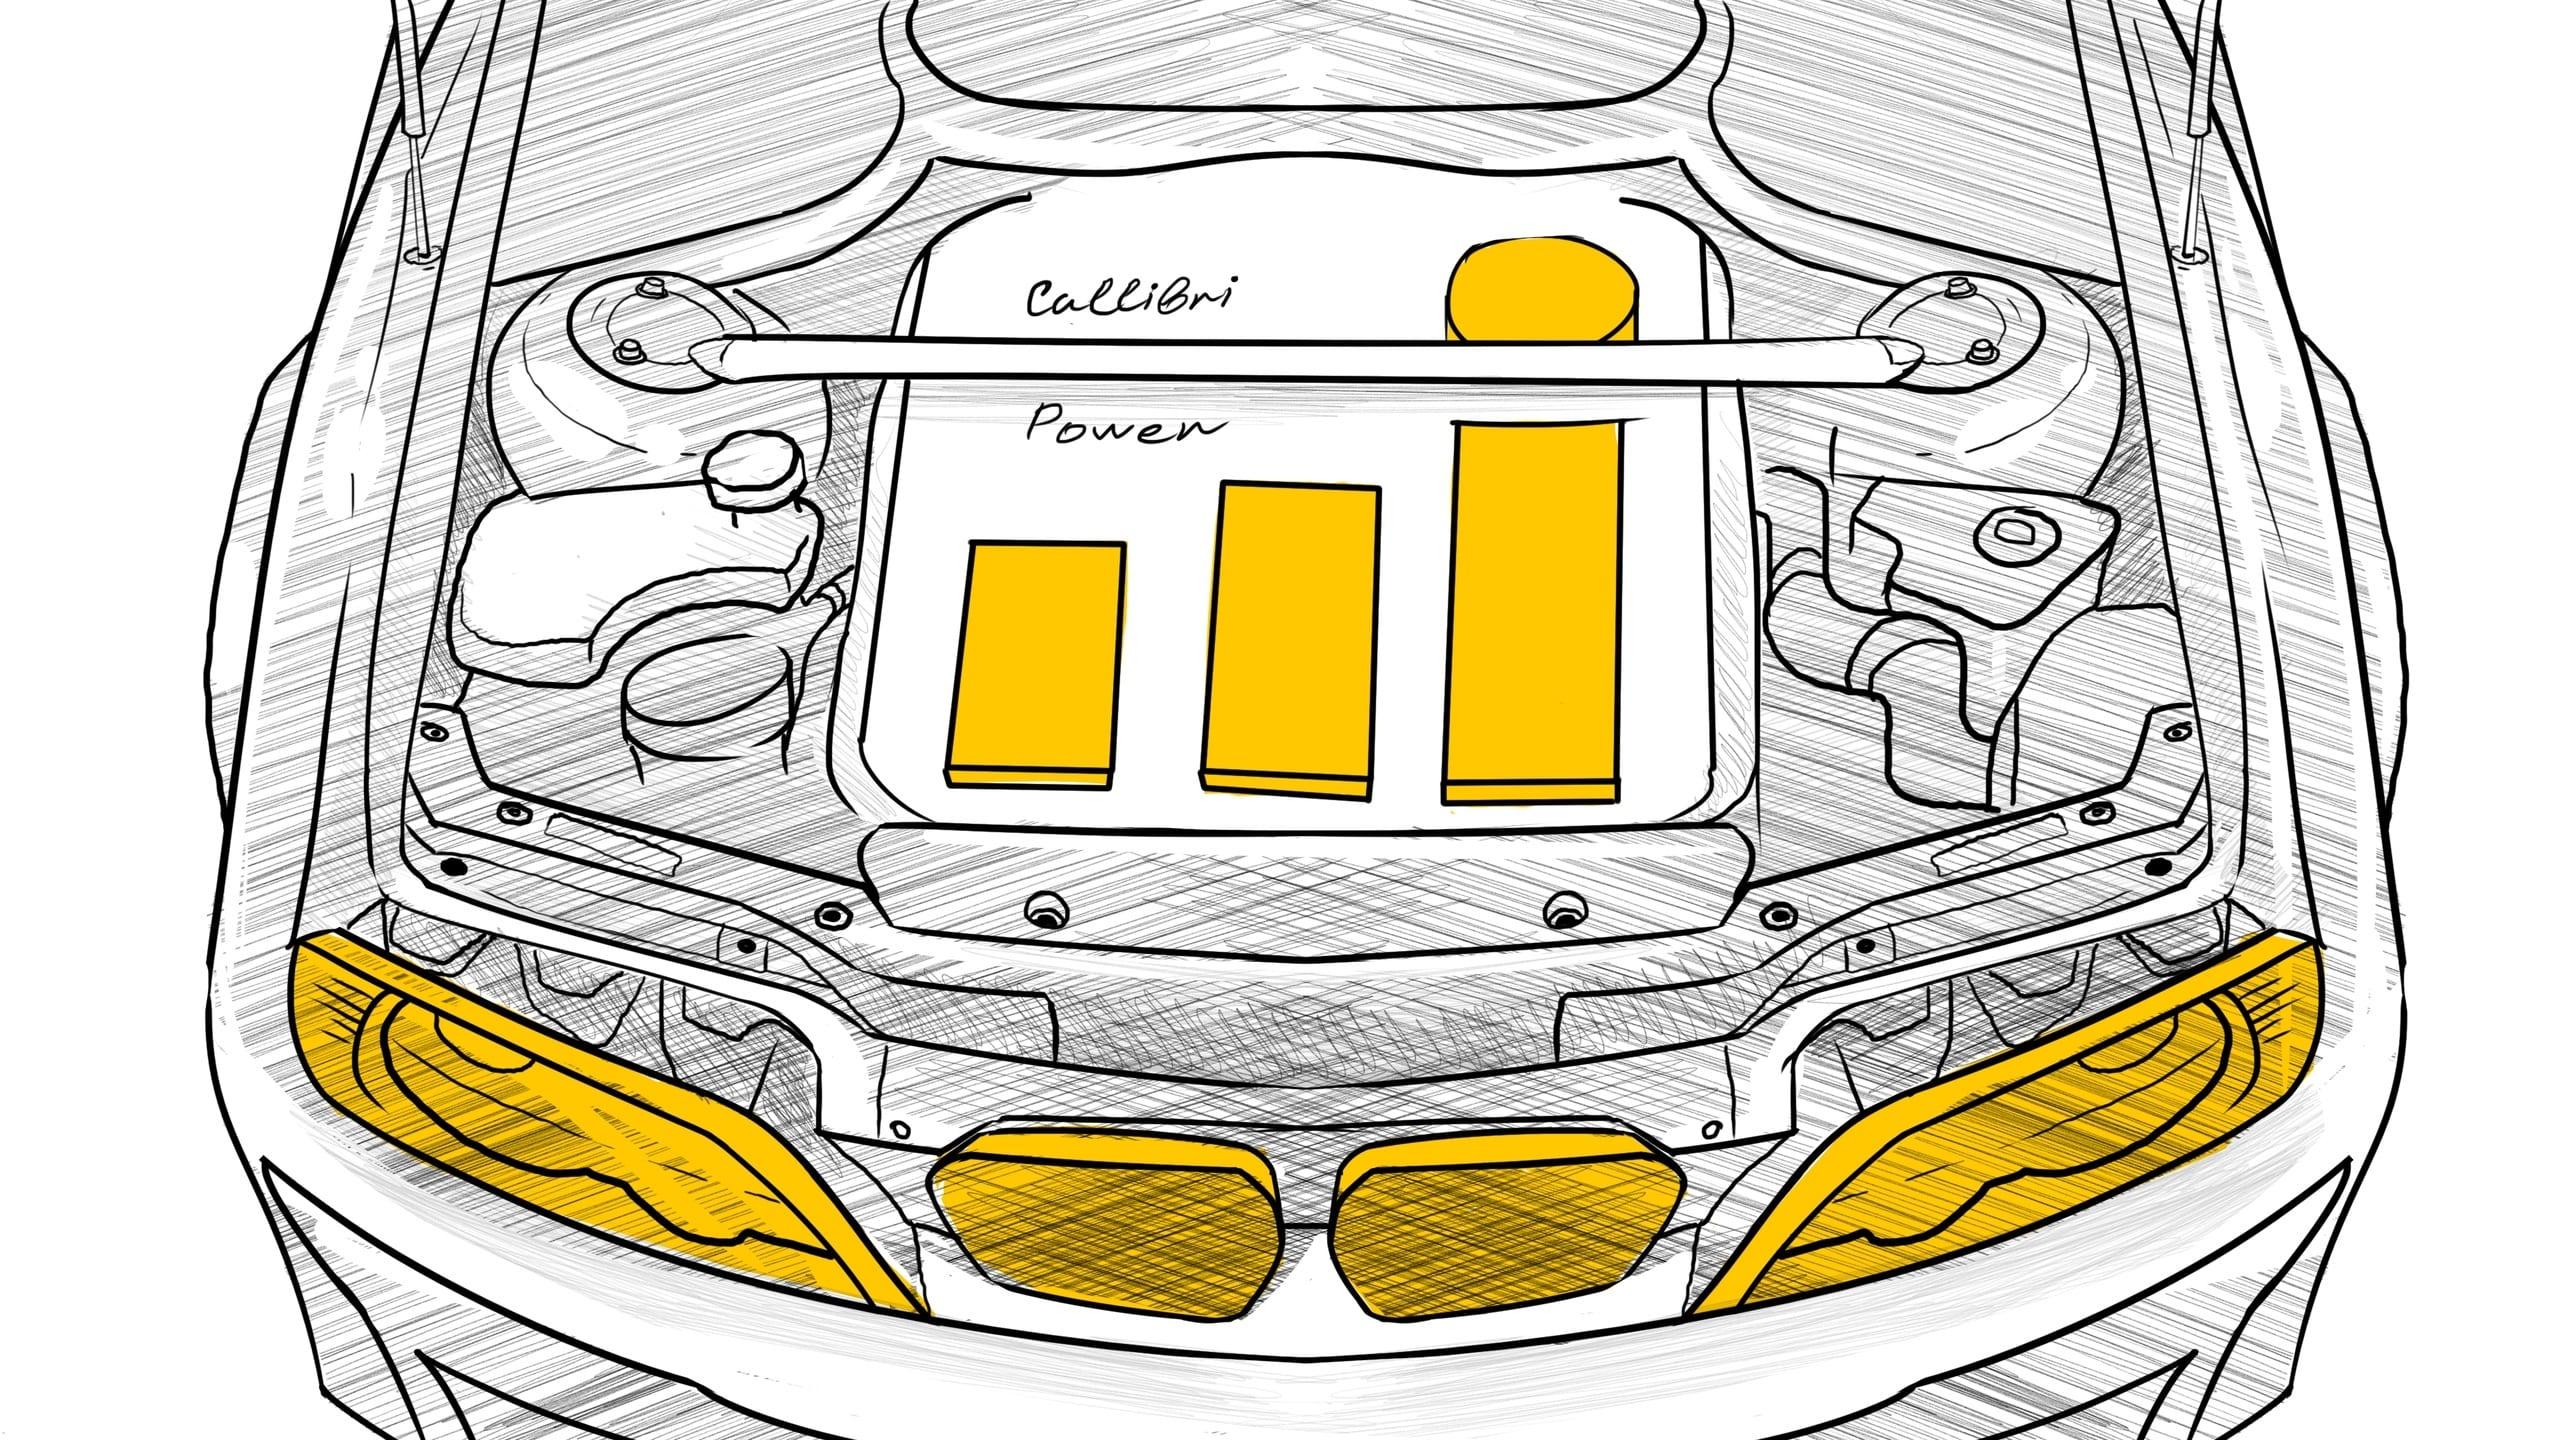 Эффективная реклама автосервиса - иллюстрация Callibri